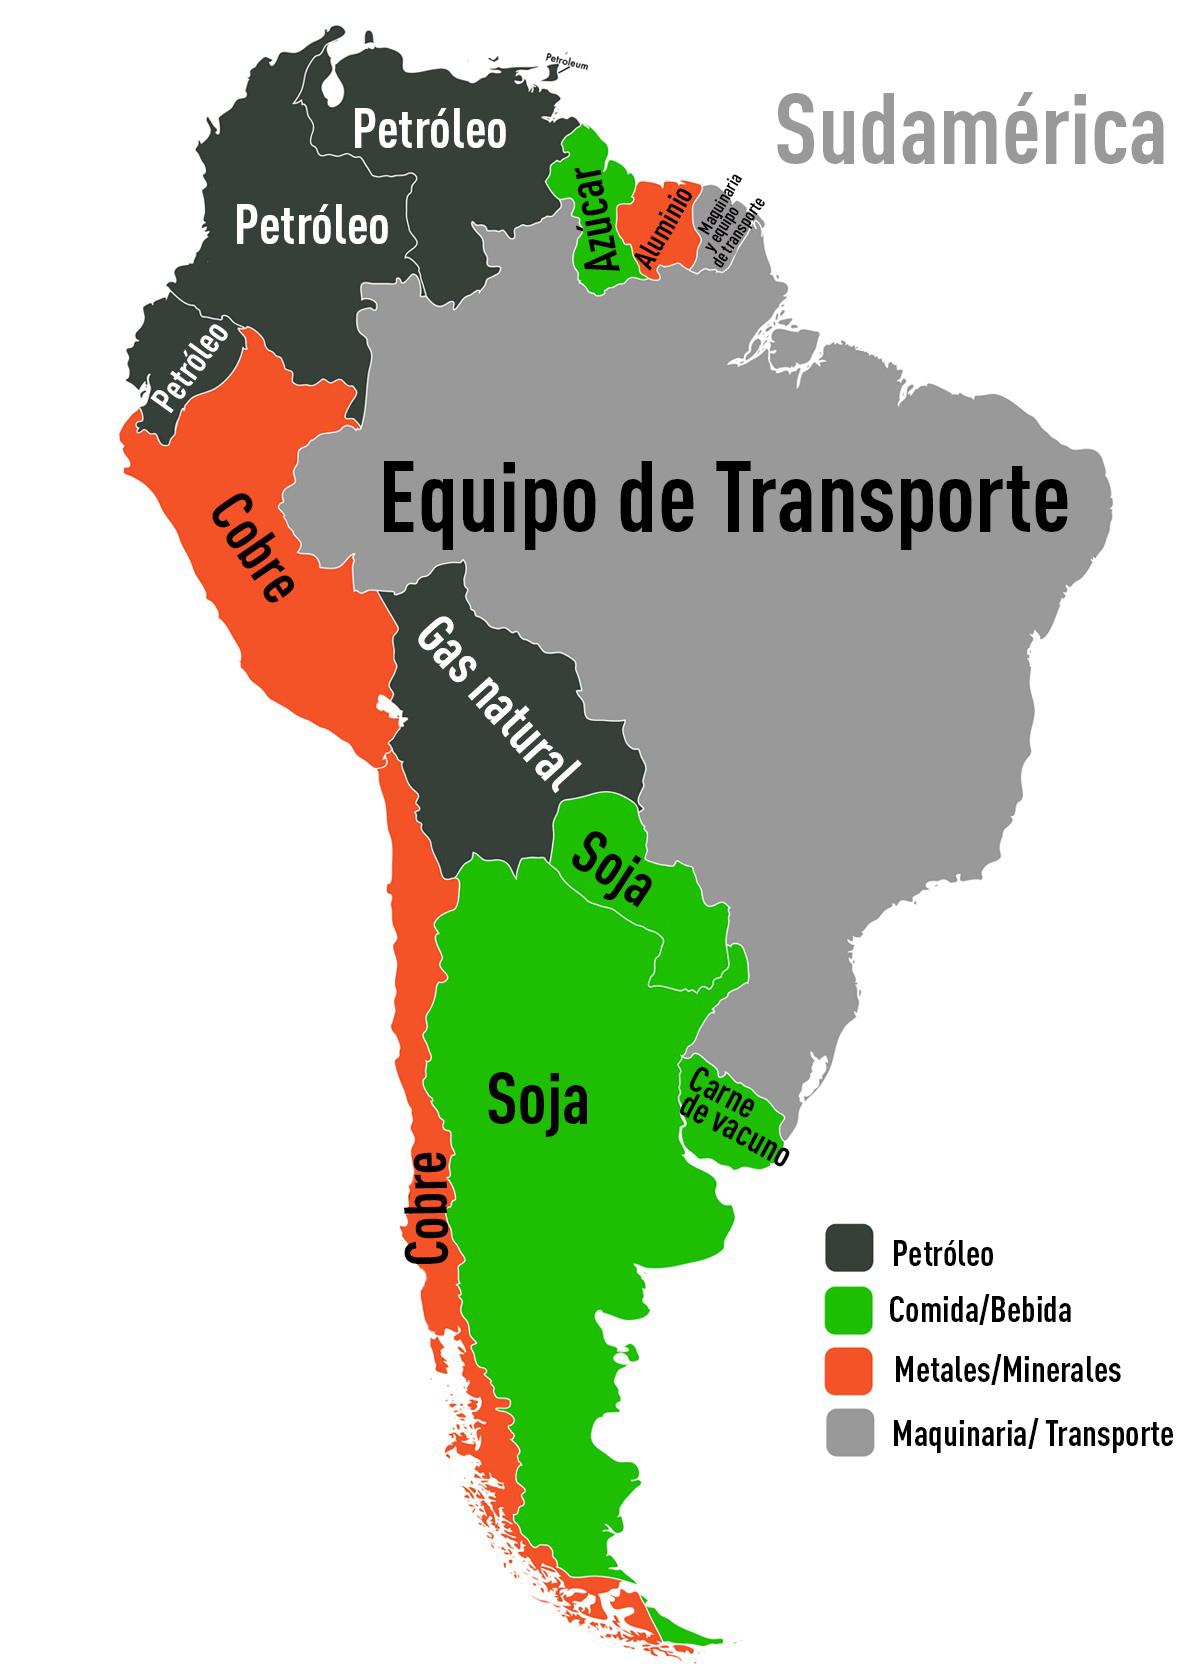 Un mapamundi muestra qué productos son los más exportados en cada país